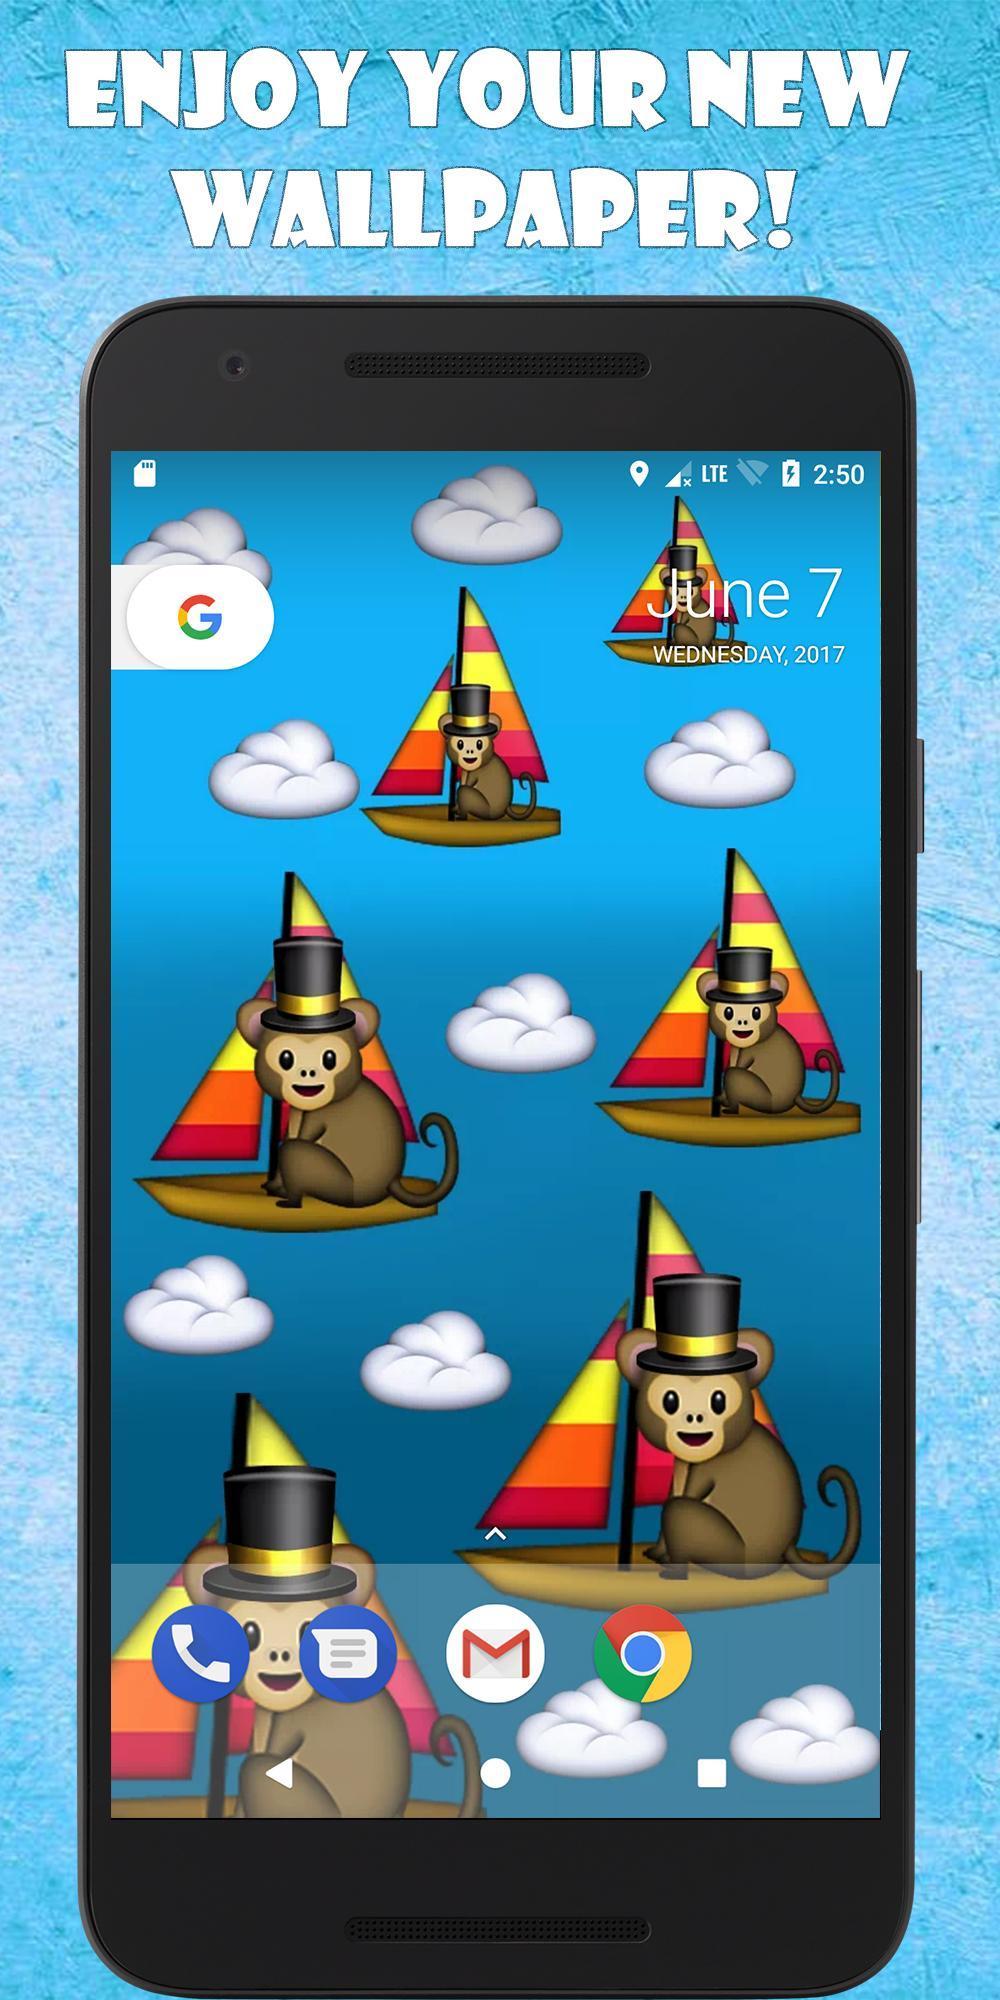 Download 440 Wallpaper Android Unik Gratis Terbaru